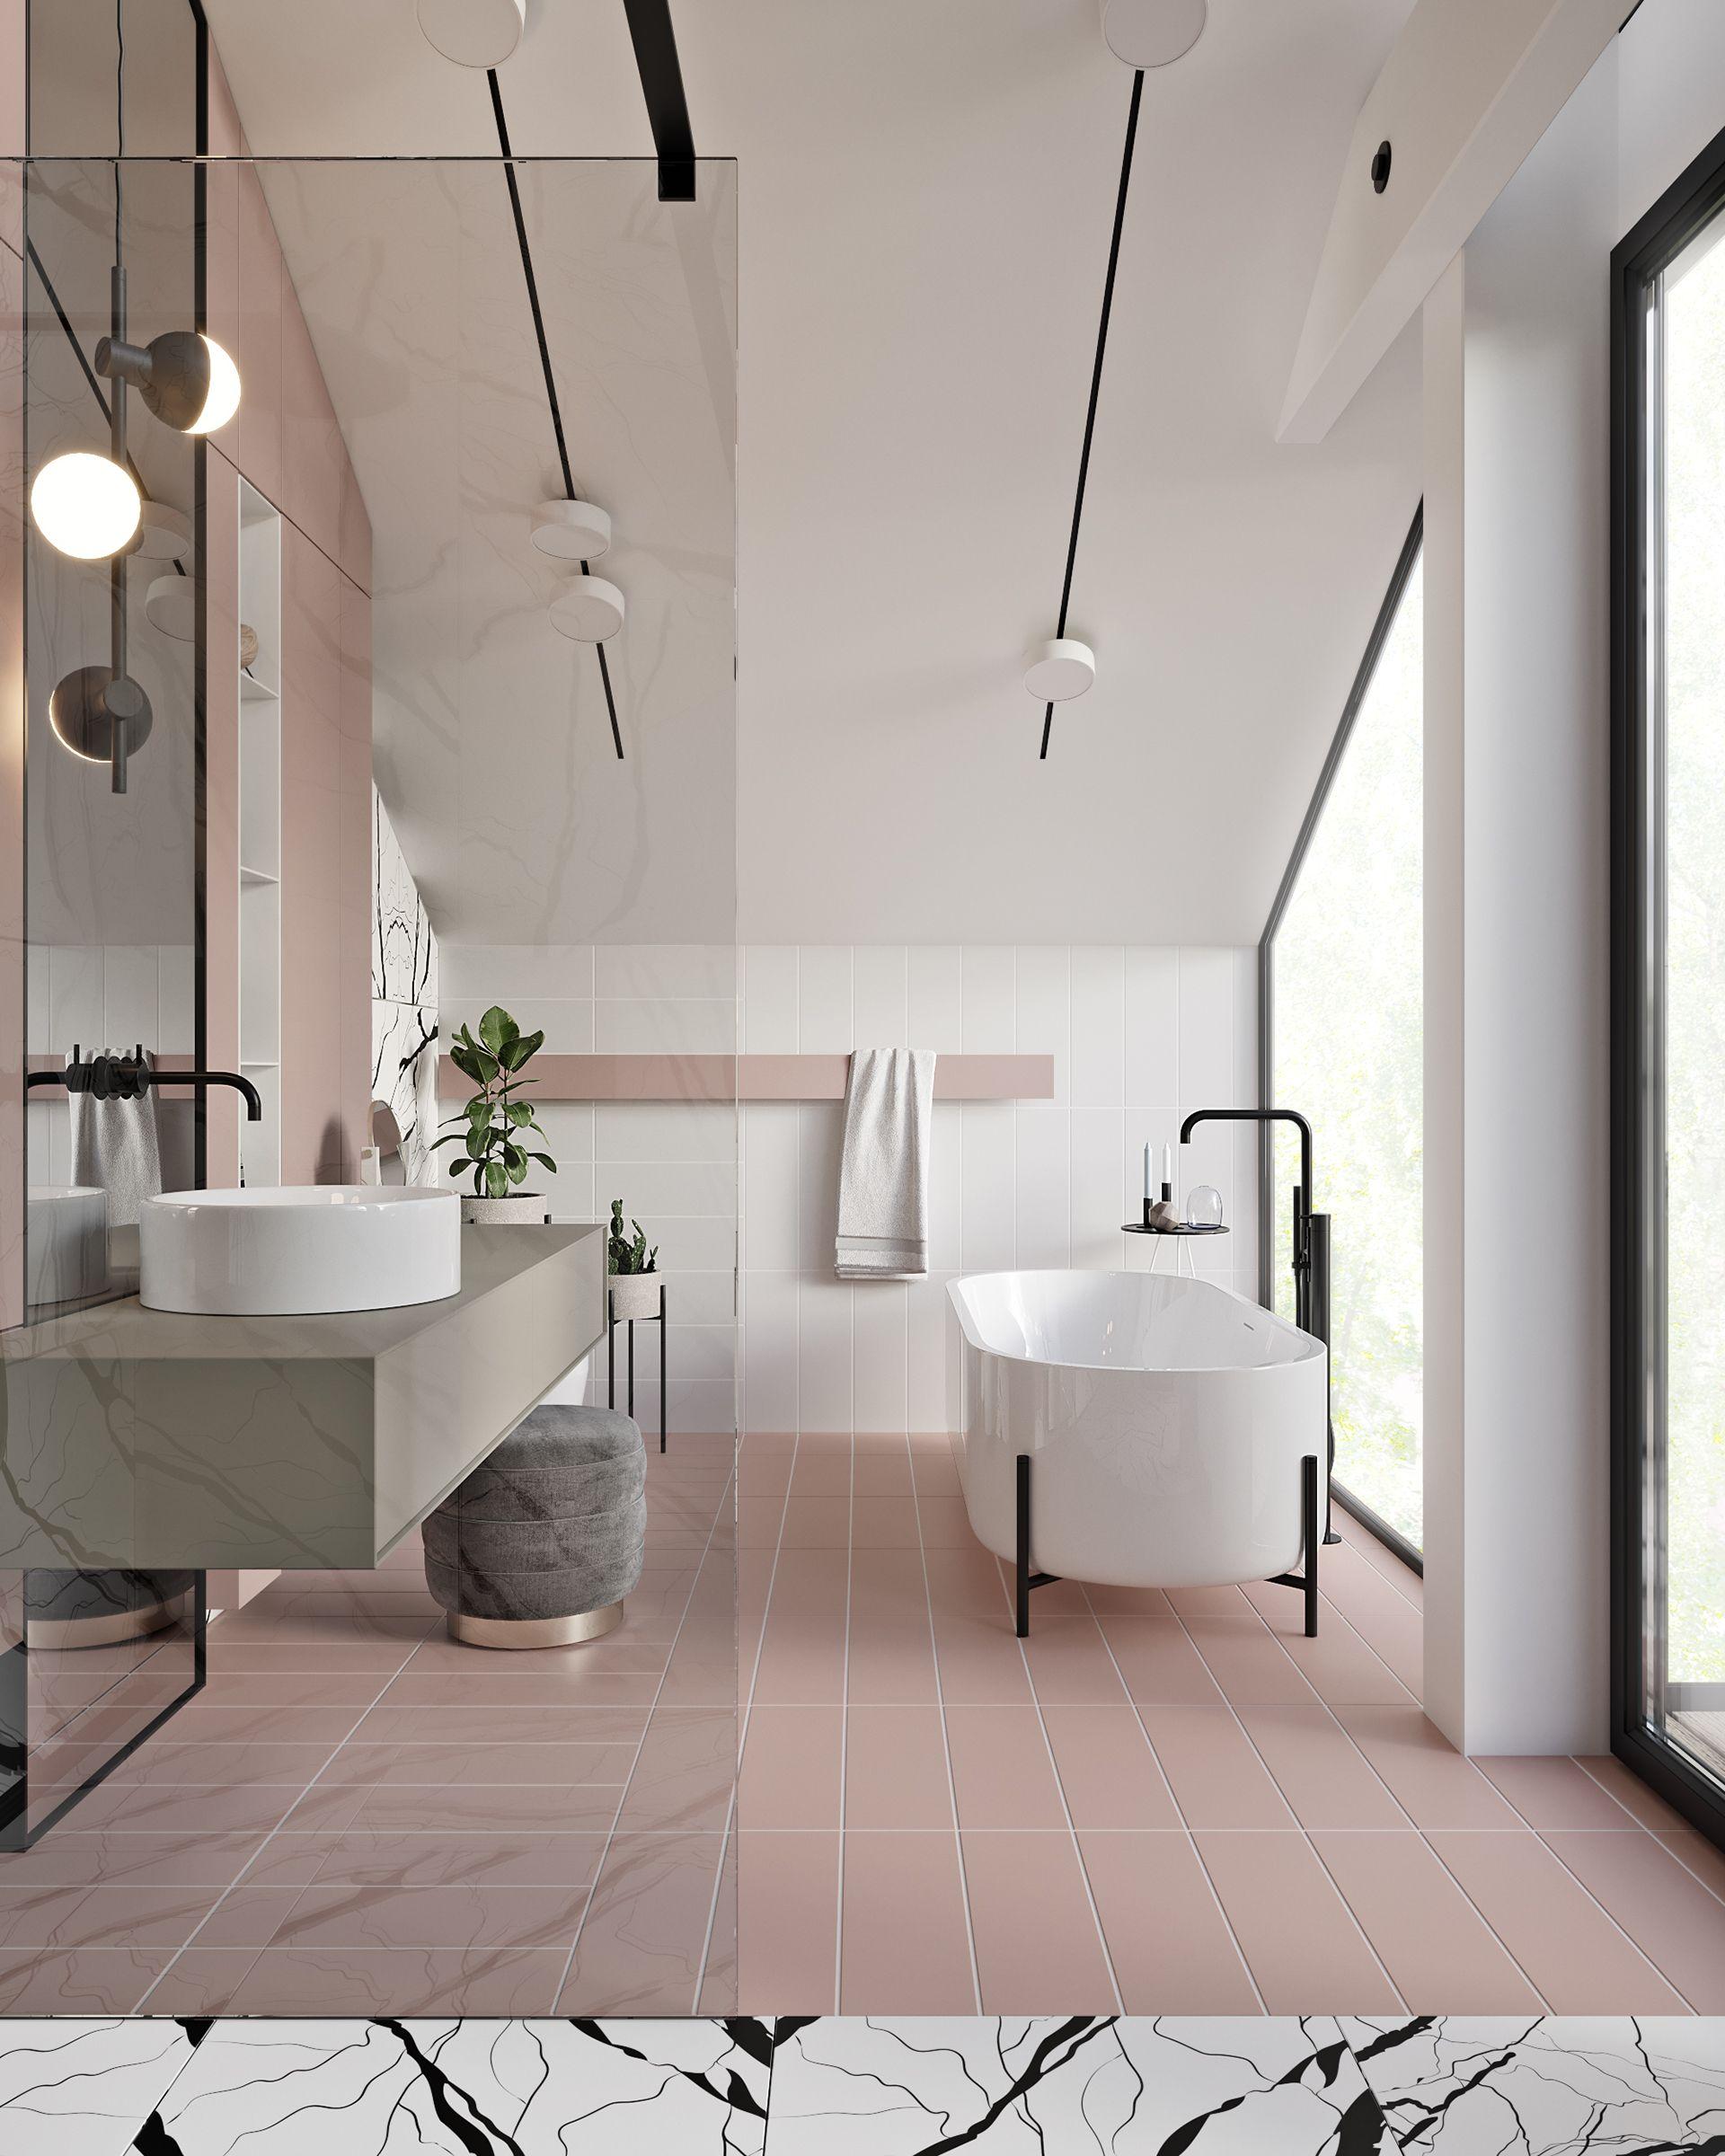 die besten 25 badideen sauna ideen auf pinterest sauna f r zu hause duschr ume und badideen. Black Bedroom Furniture Sets. Home Design Ideas